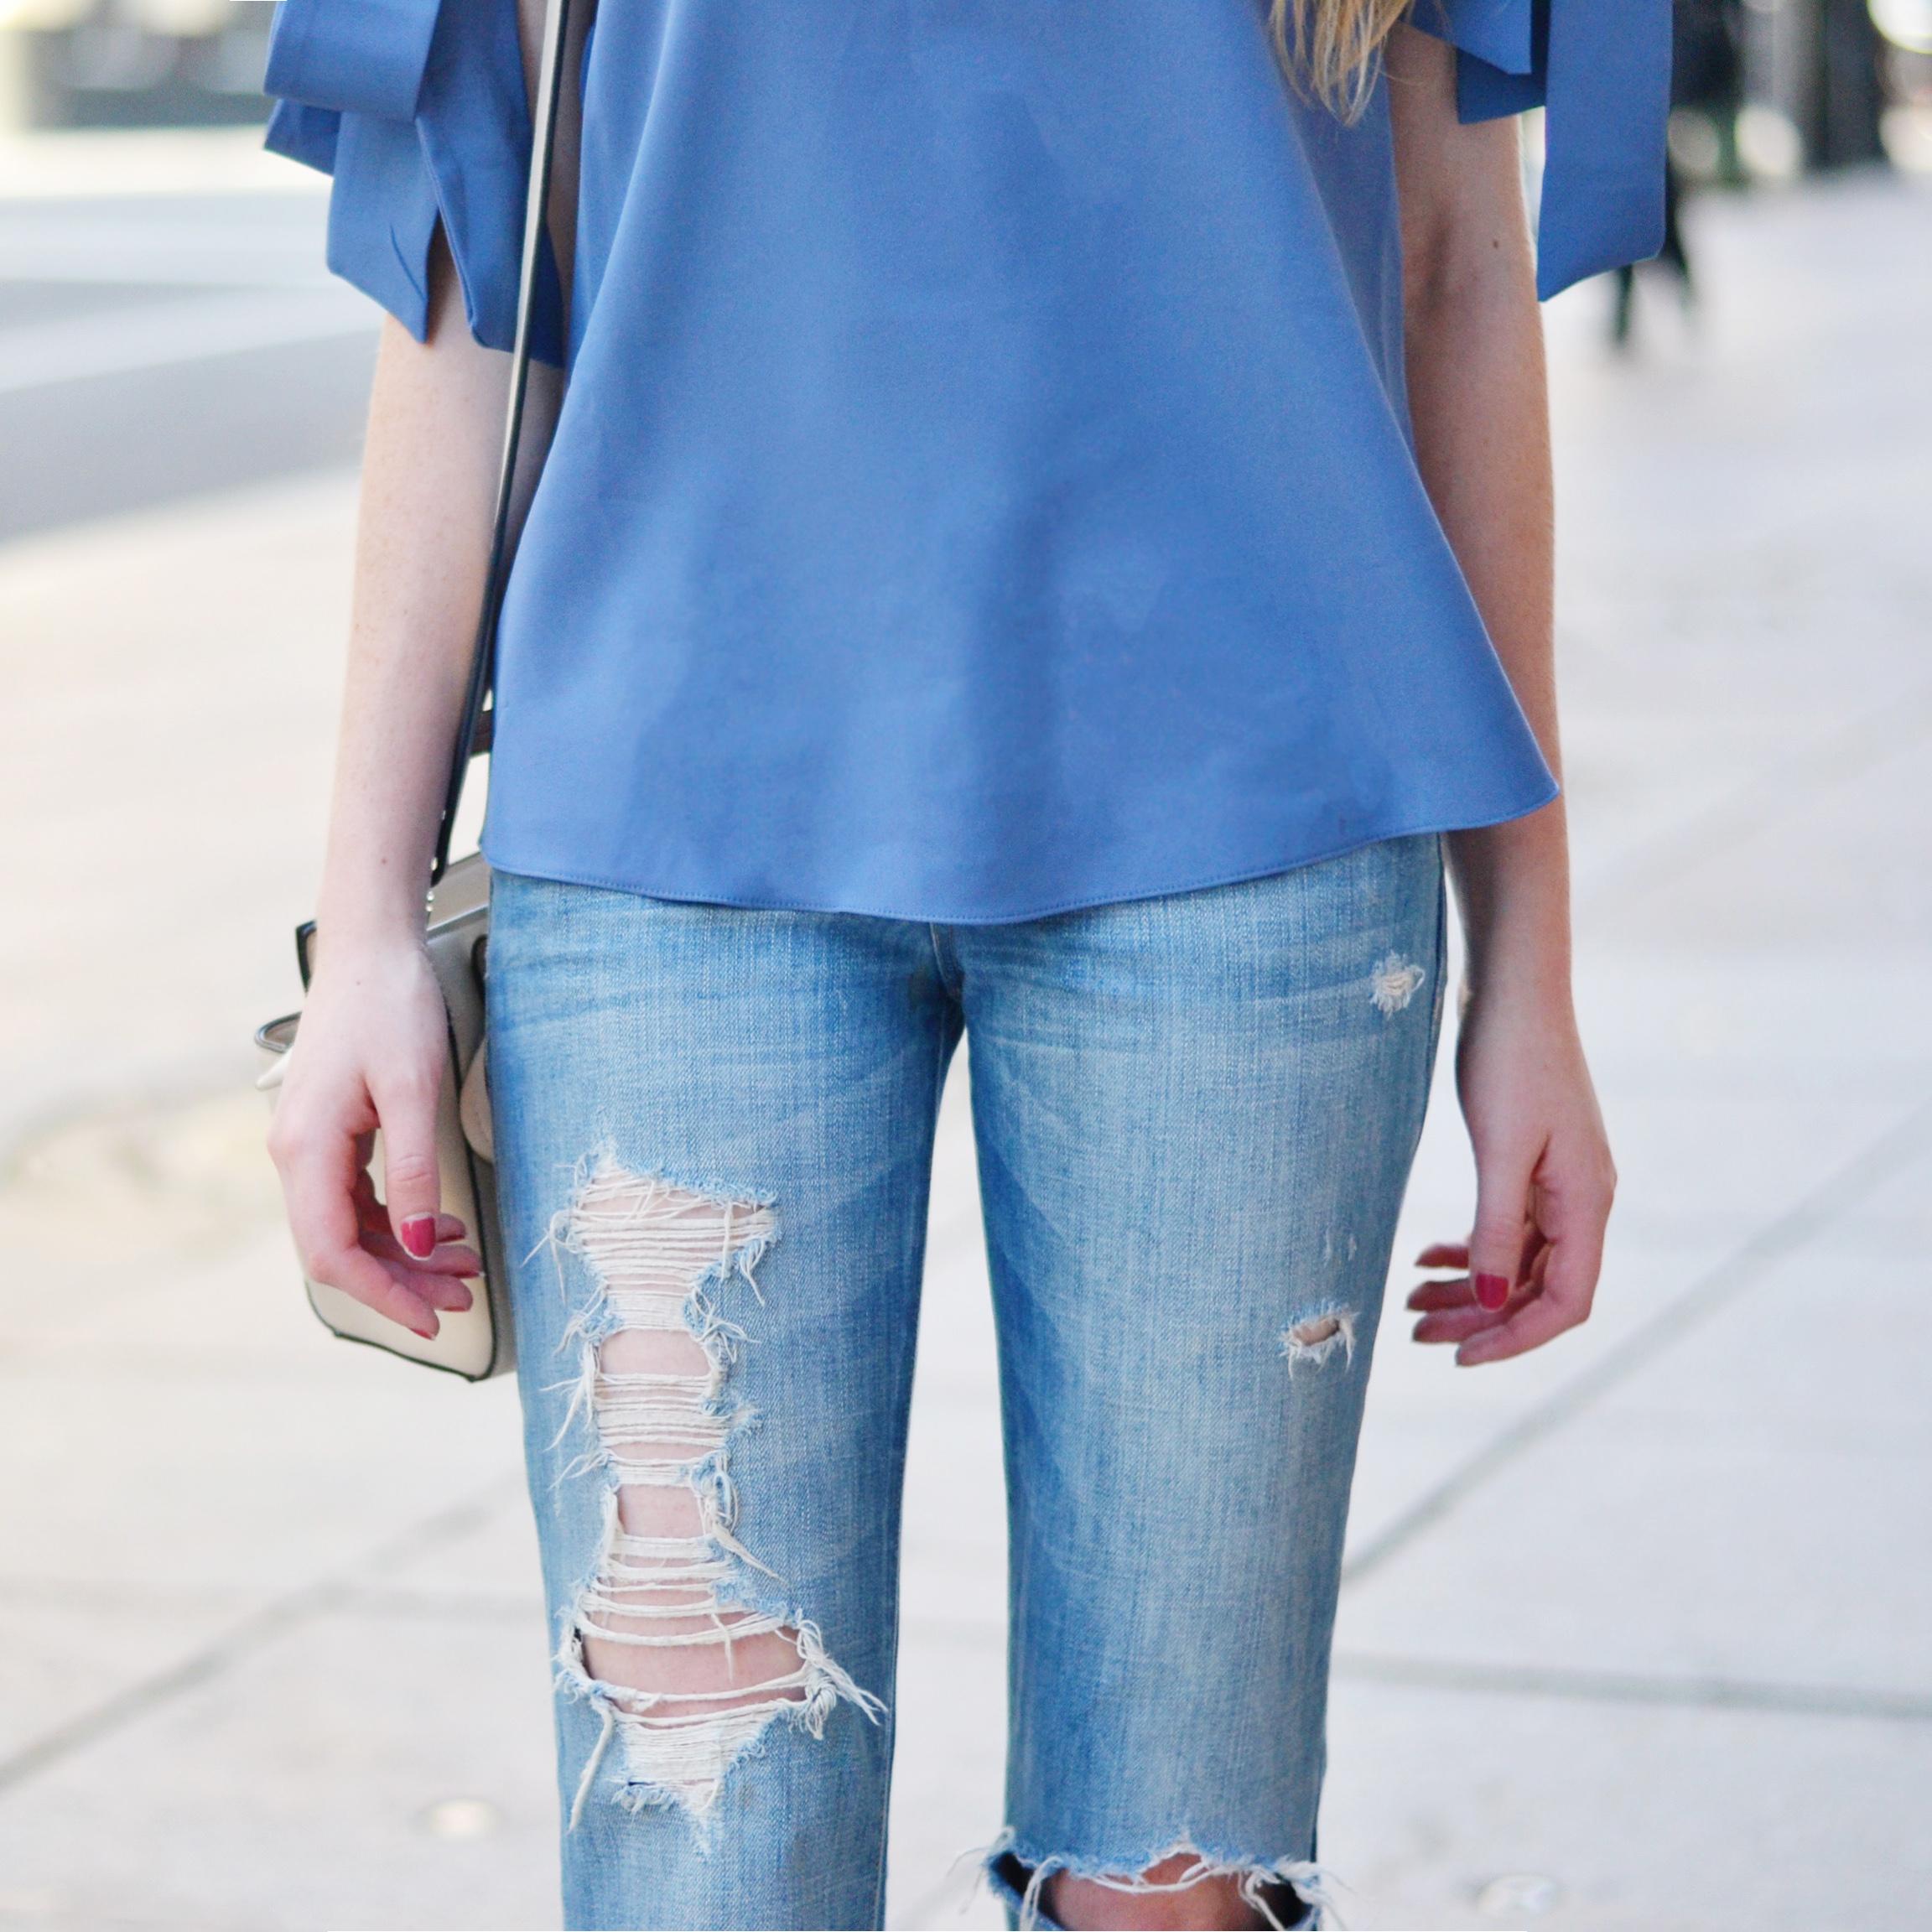 Blogger Blue Top Details (via Chic Now)